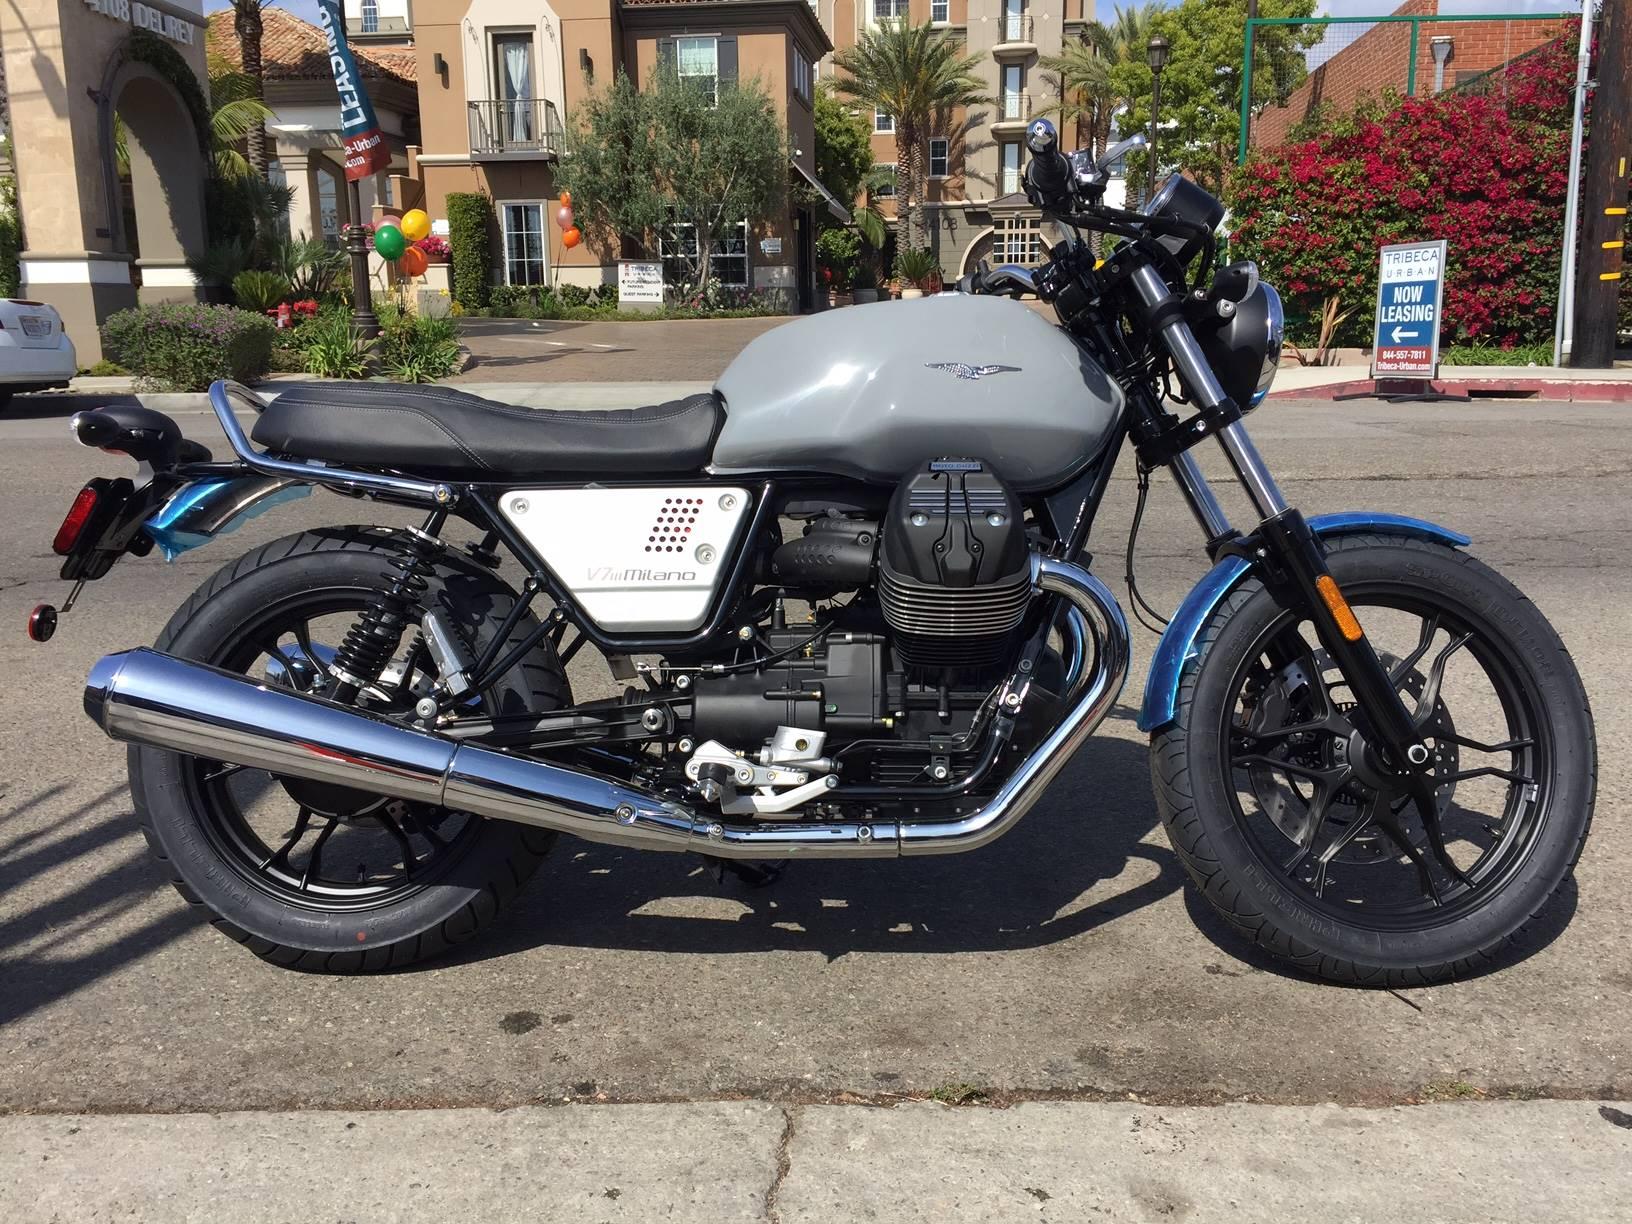 2018 Moto Guzzi V7 Iii Milano Motorcycles Marina Del Rey California